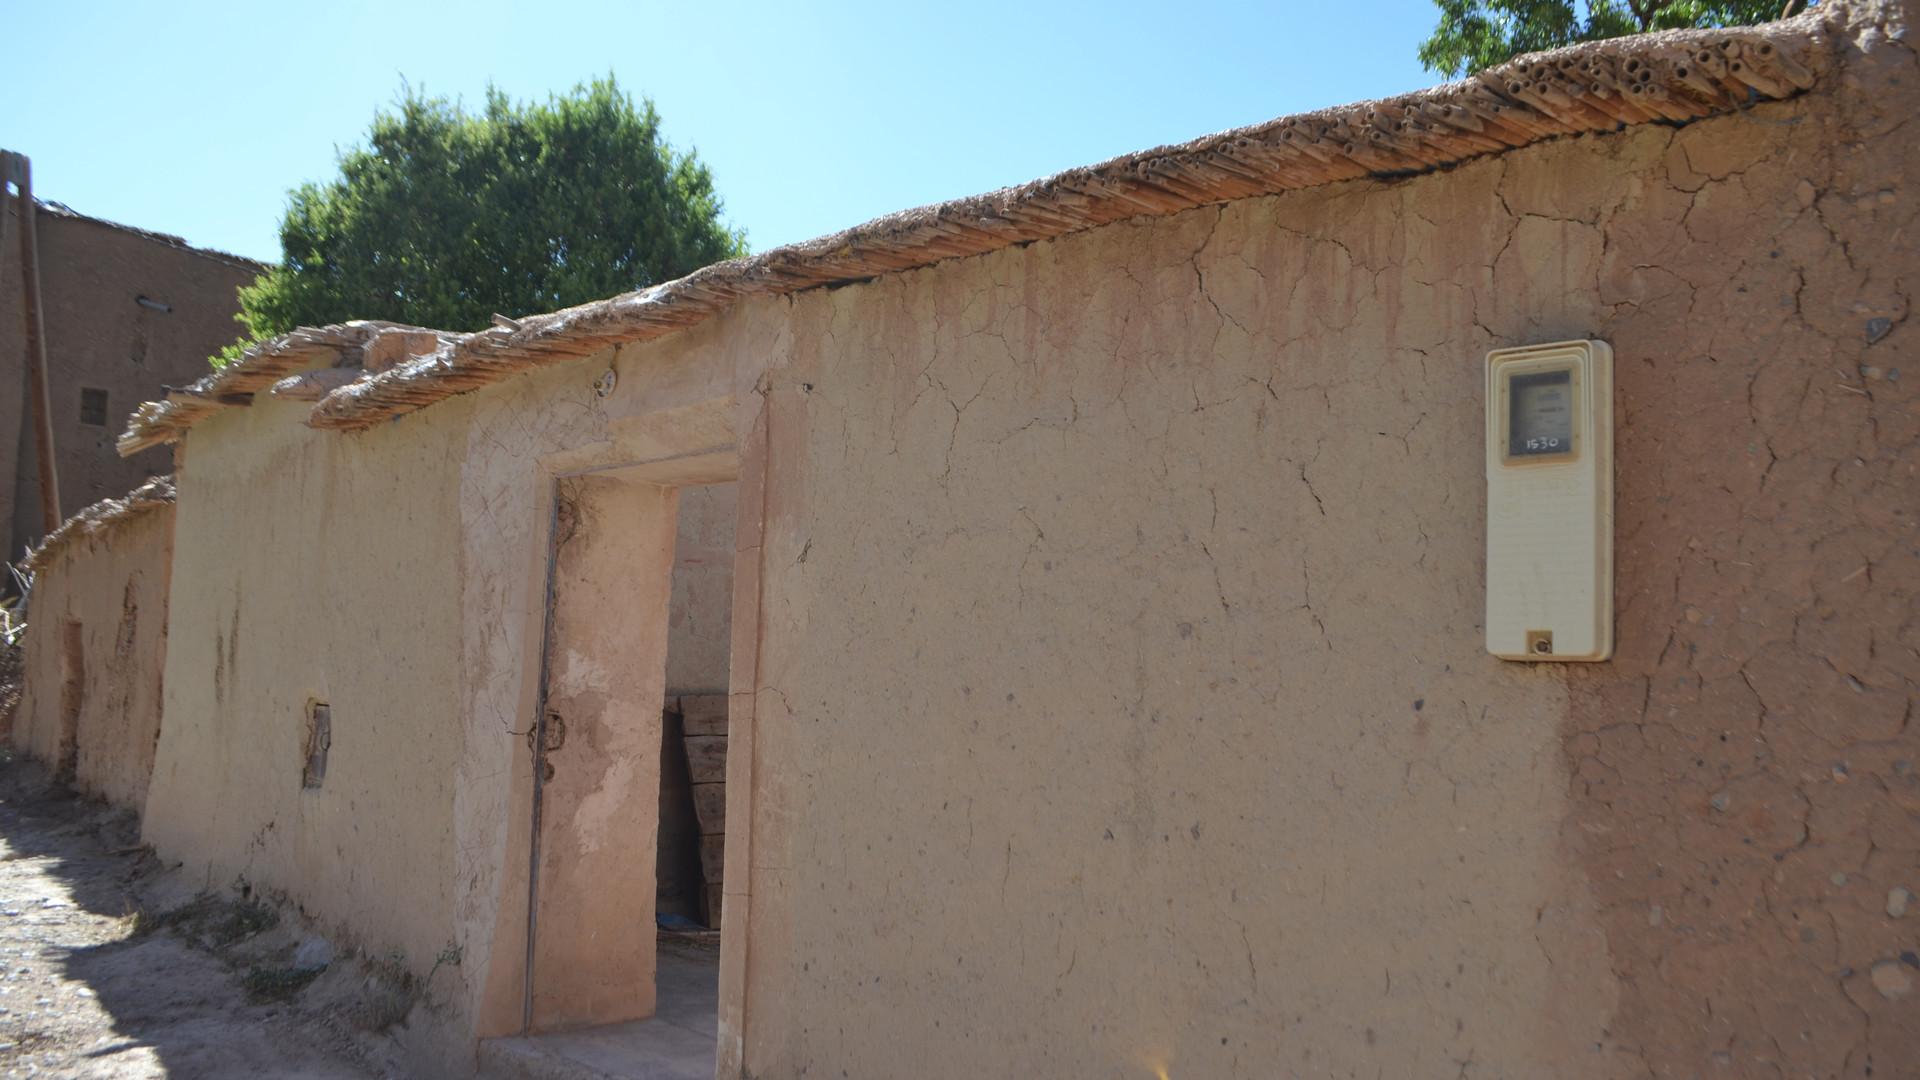 exterieur 3 petite maison.JPG